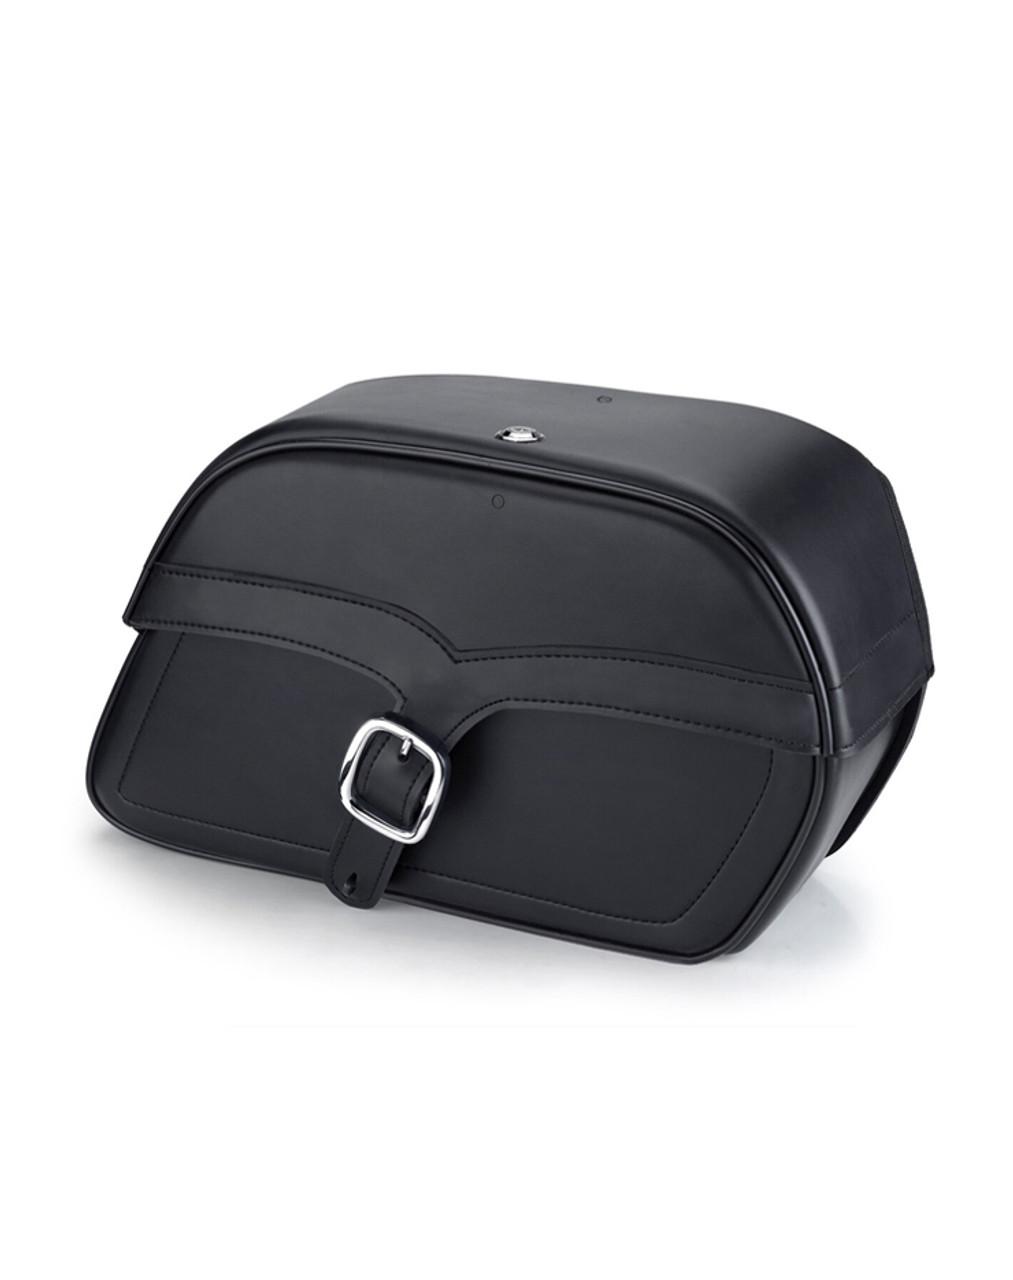 Suzuki Boulevard M50 Charger Medium Single Strap Motorcycle Saddlebags Main Bag View